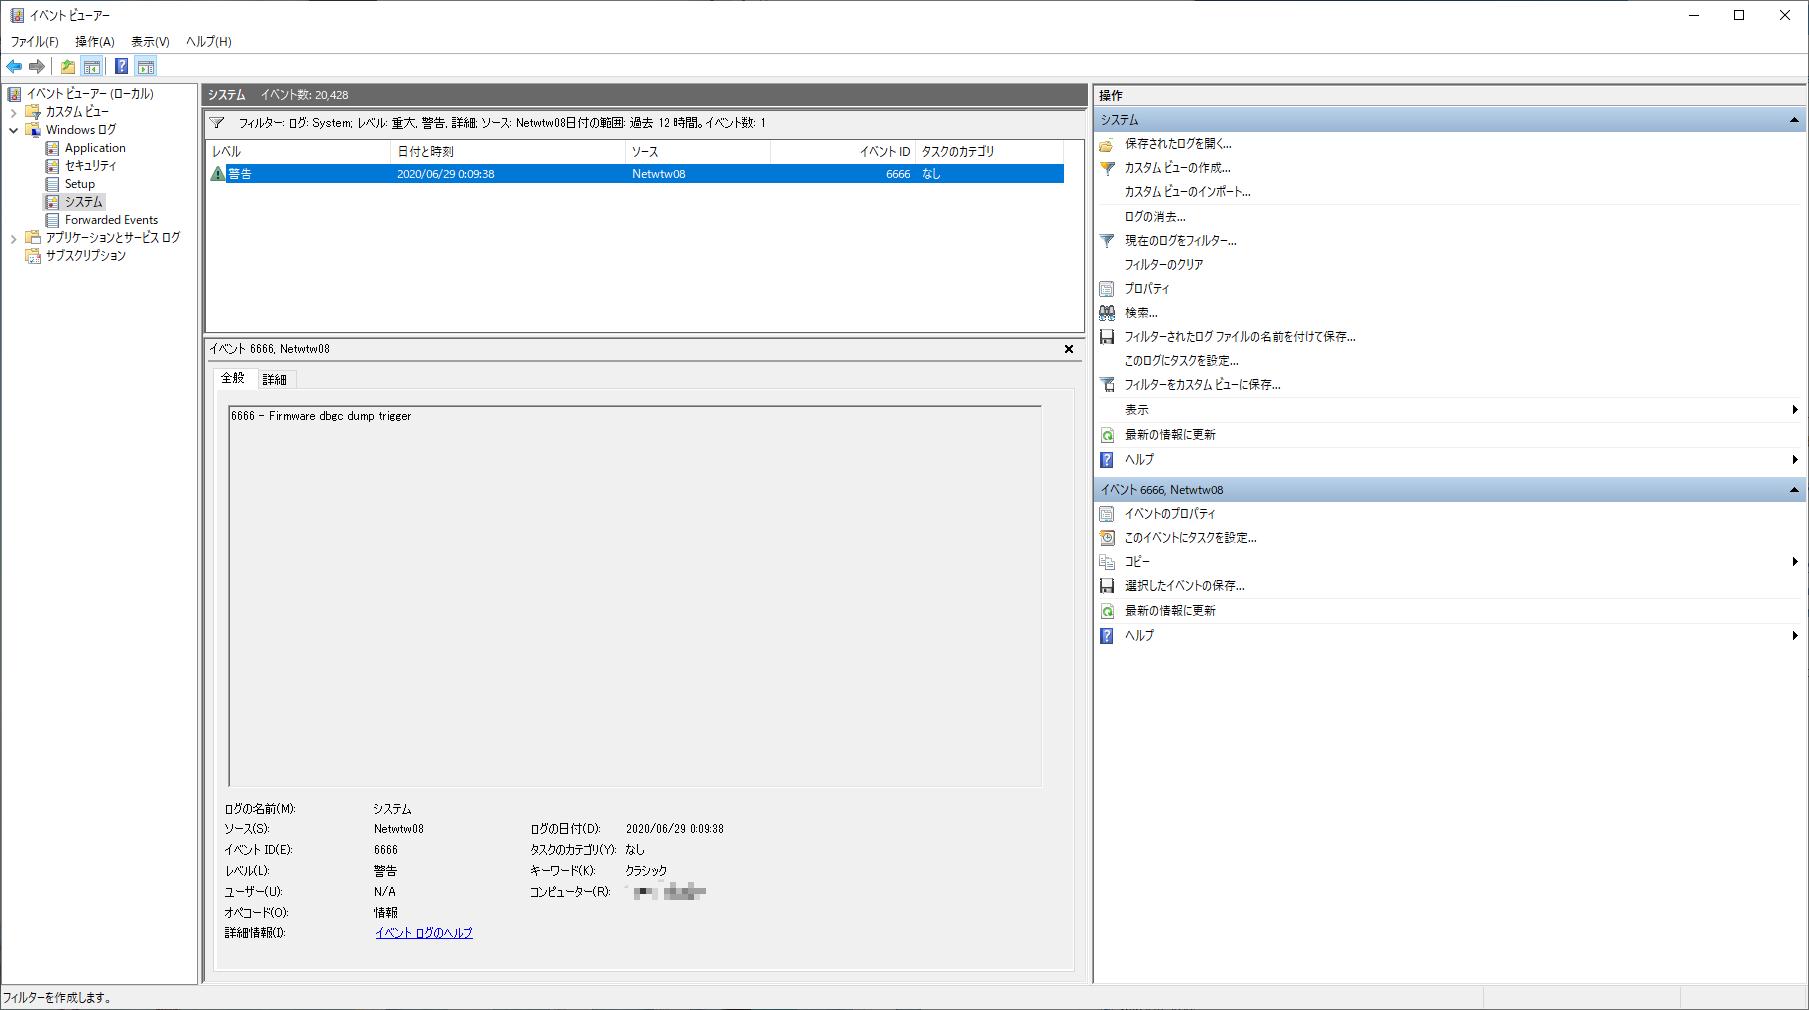 Netwtw08がイベントID6666の警告を吐いたらBluetoothが使えなくなった話と、復旧させるまでのログ